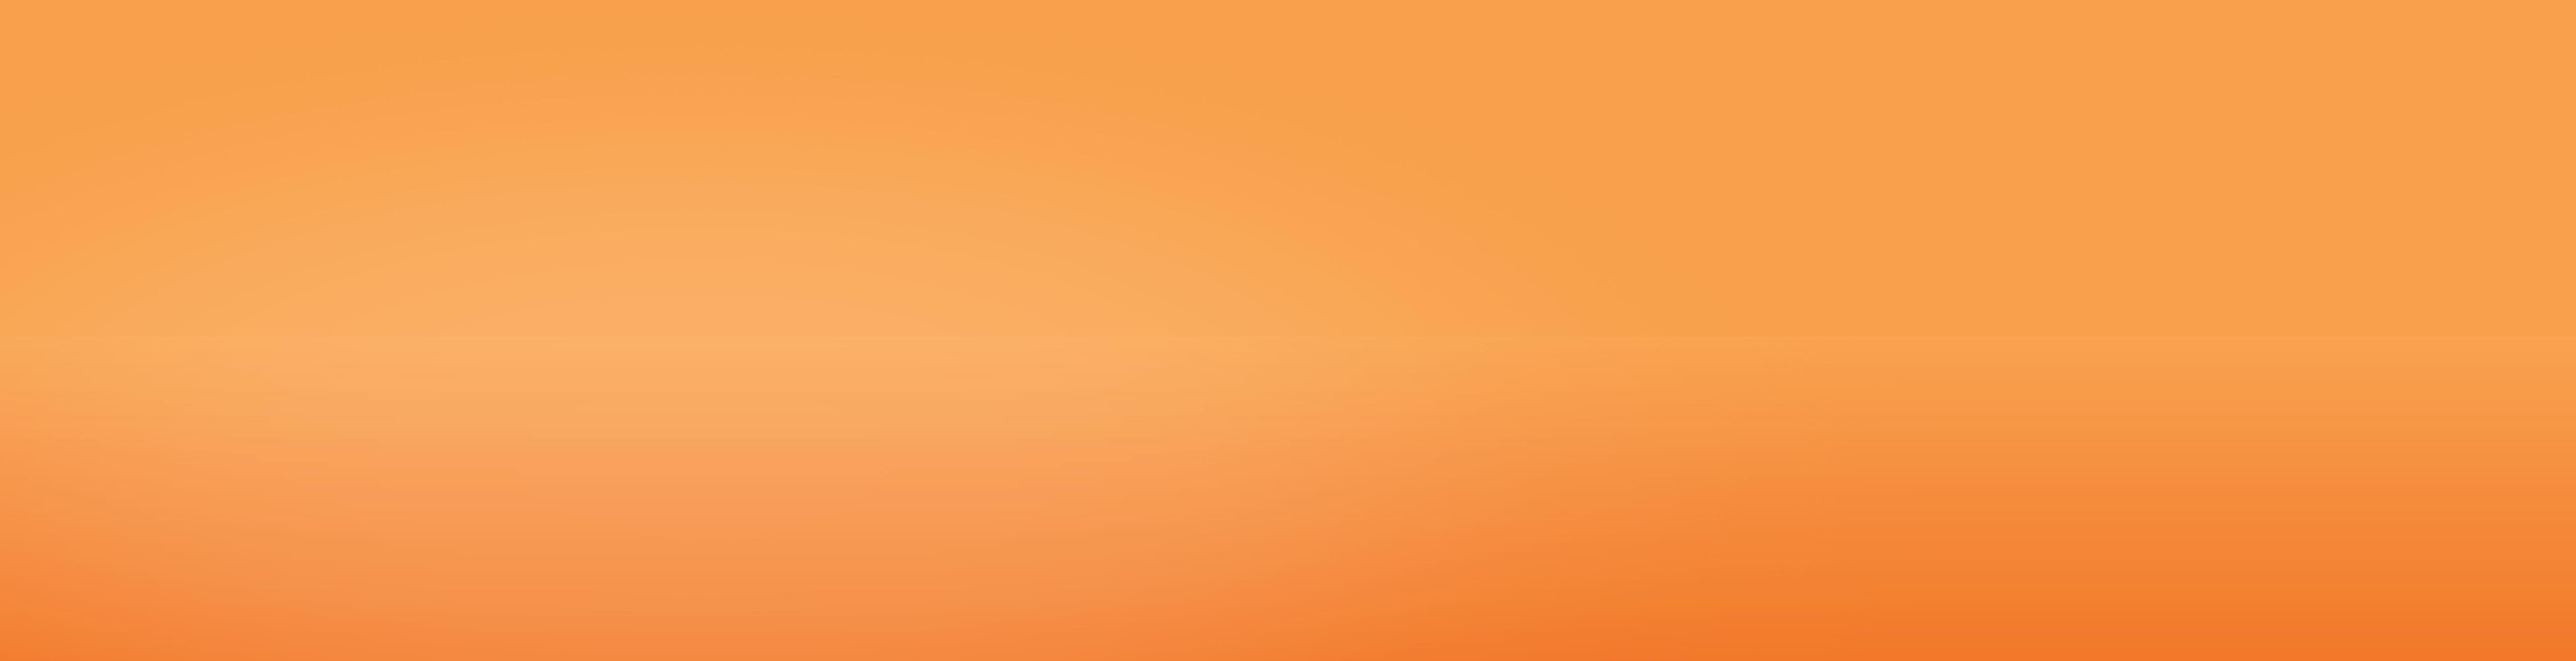 orange-07.png